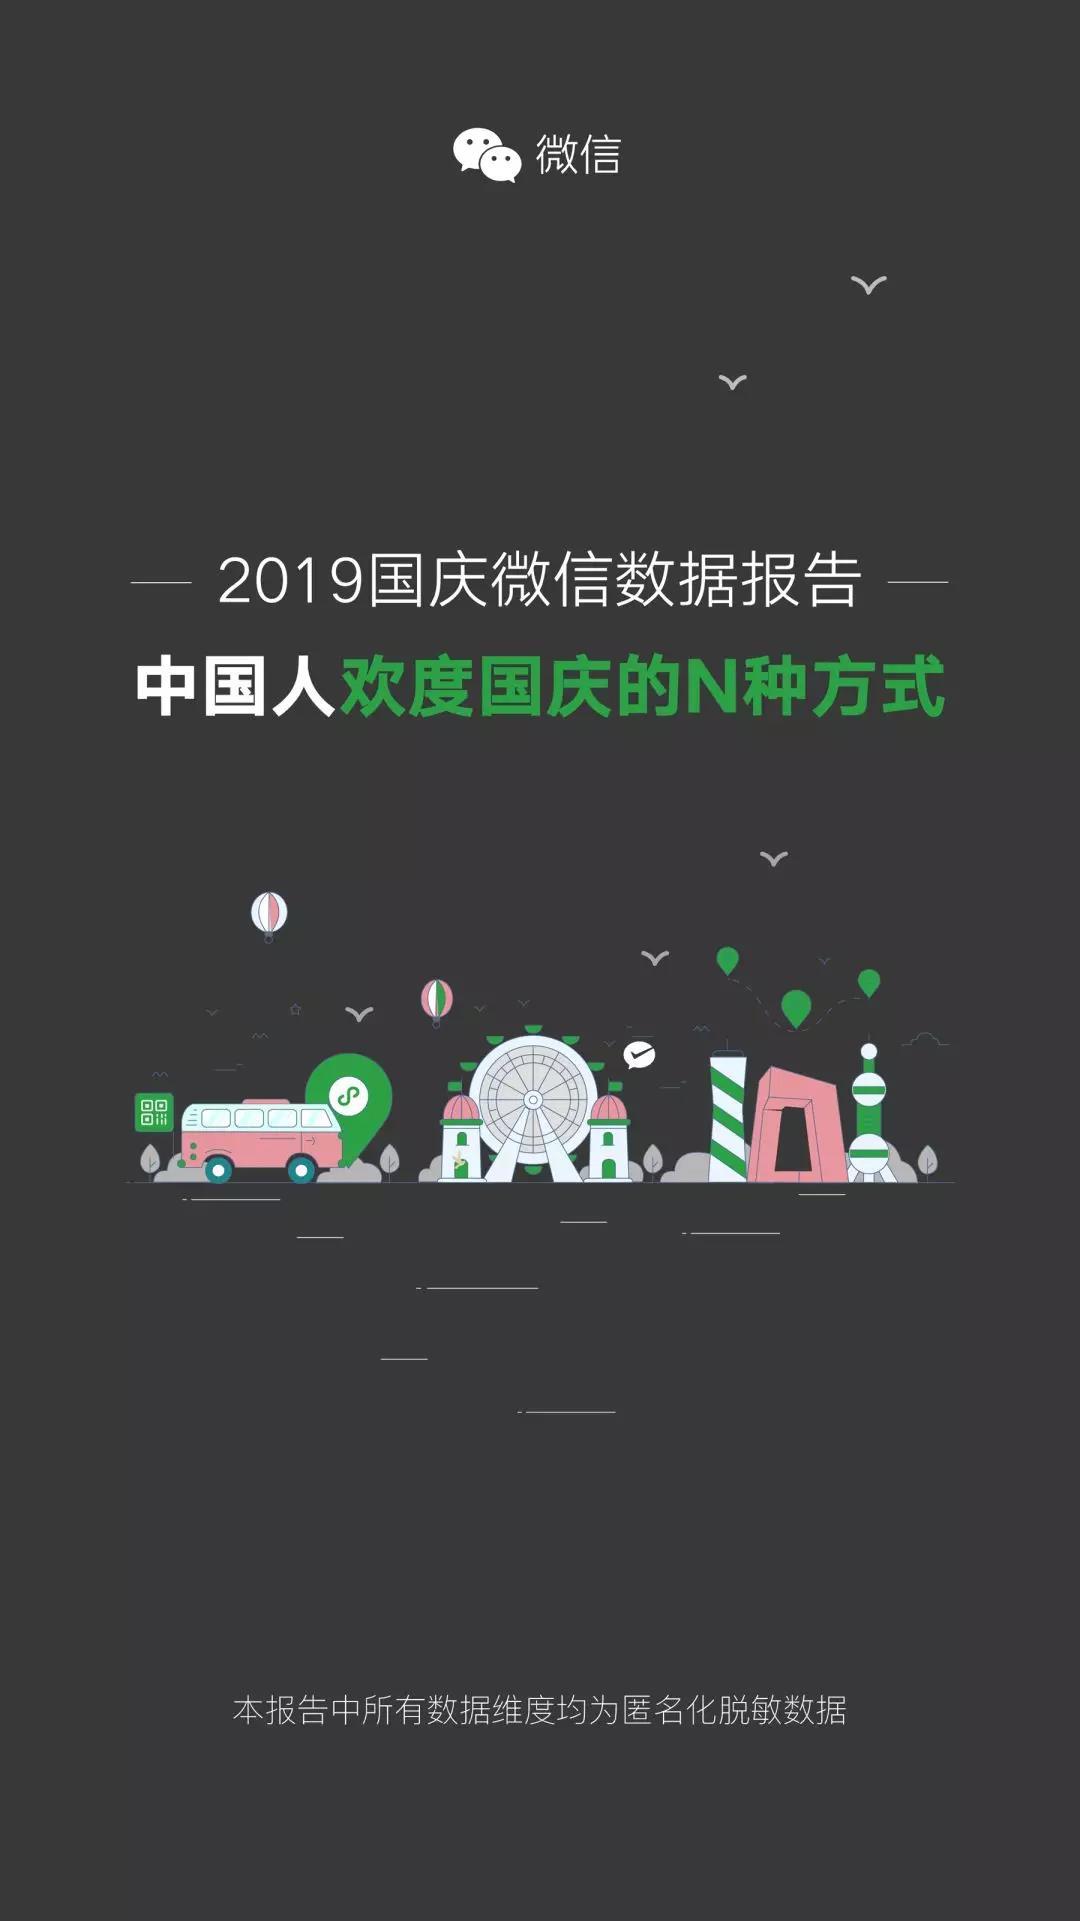 青秀山景区喜提国庆全国热门景点TOP2